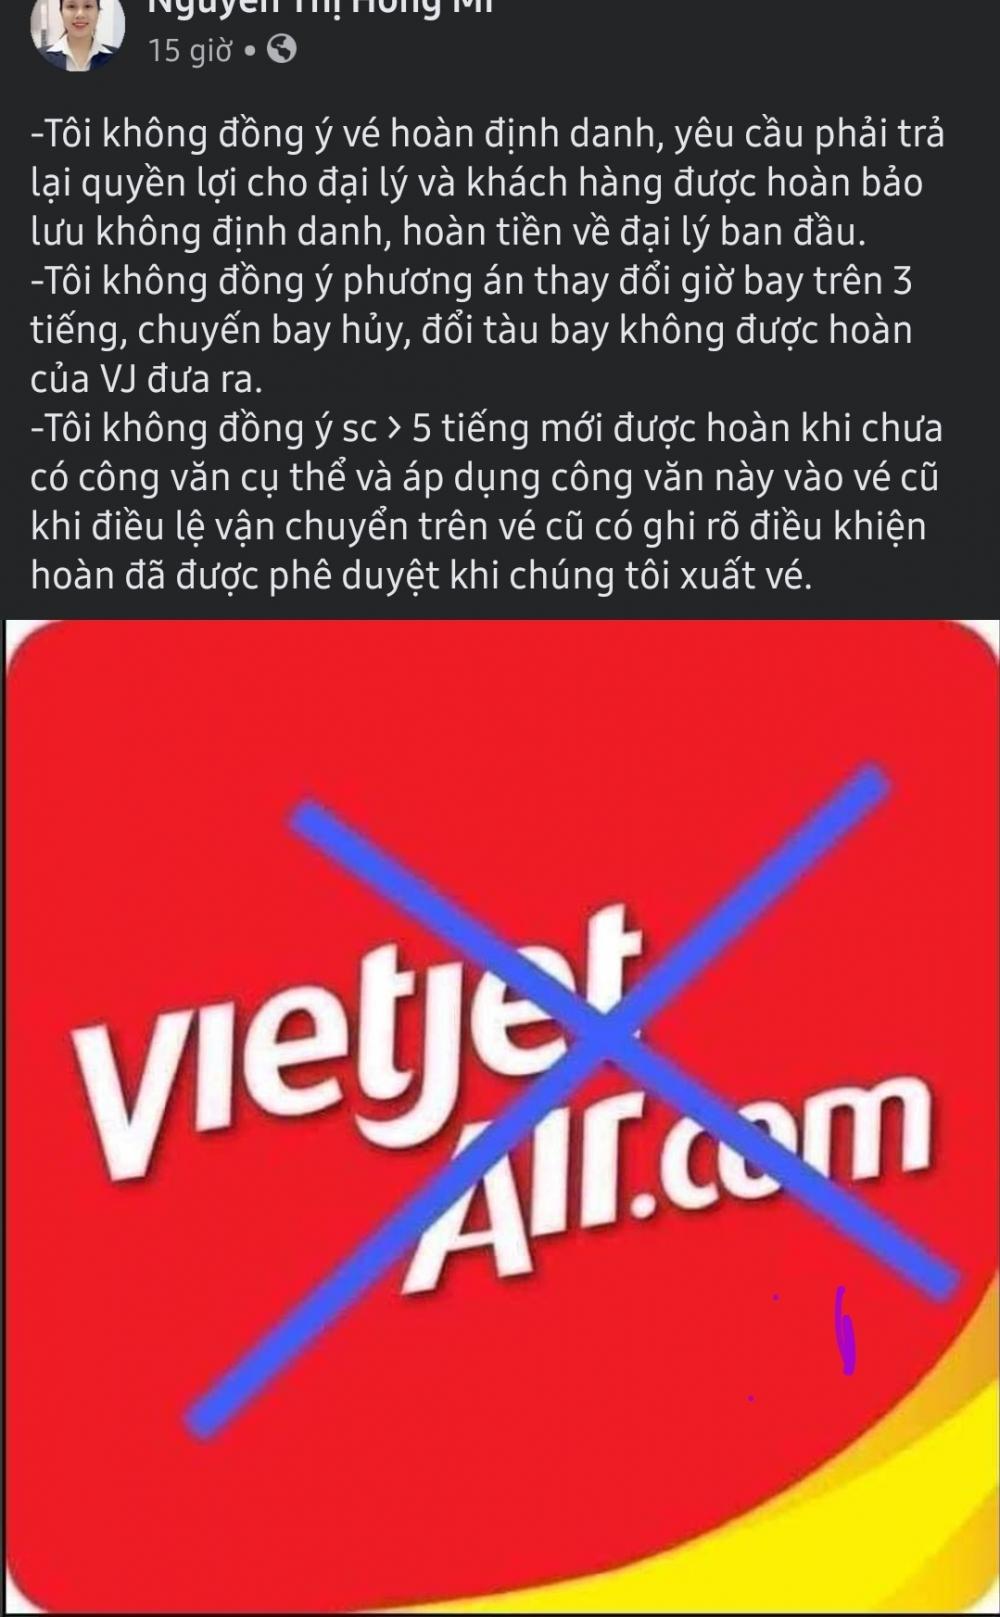 Nhiều đại lý, phòng vé đồng loạt từ chối xuất vé của hãng Vietjet Air